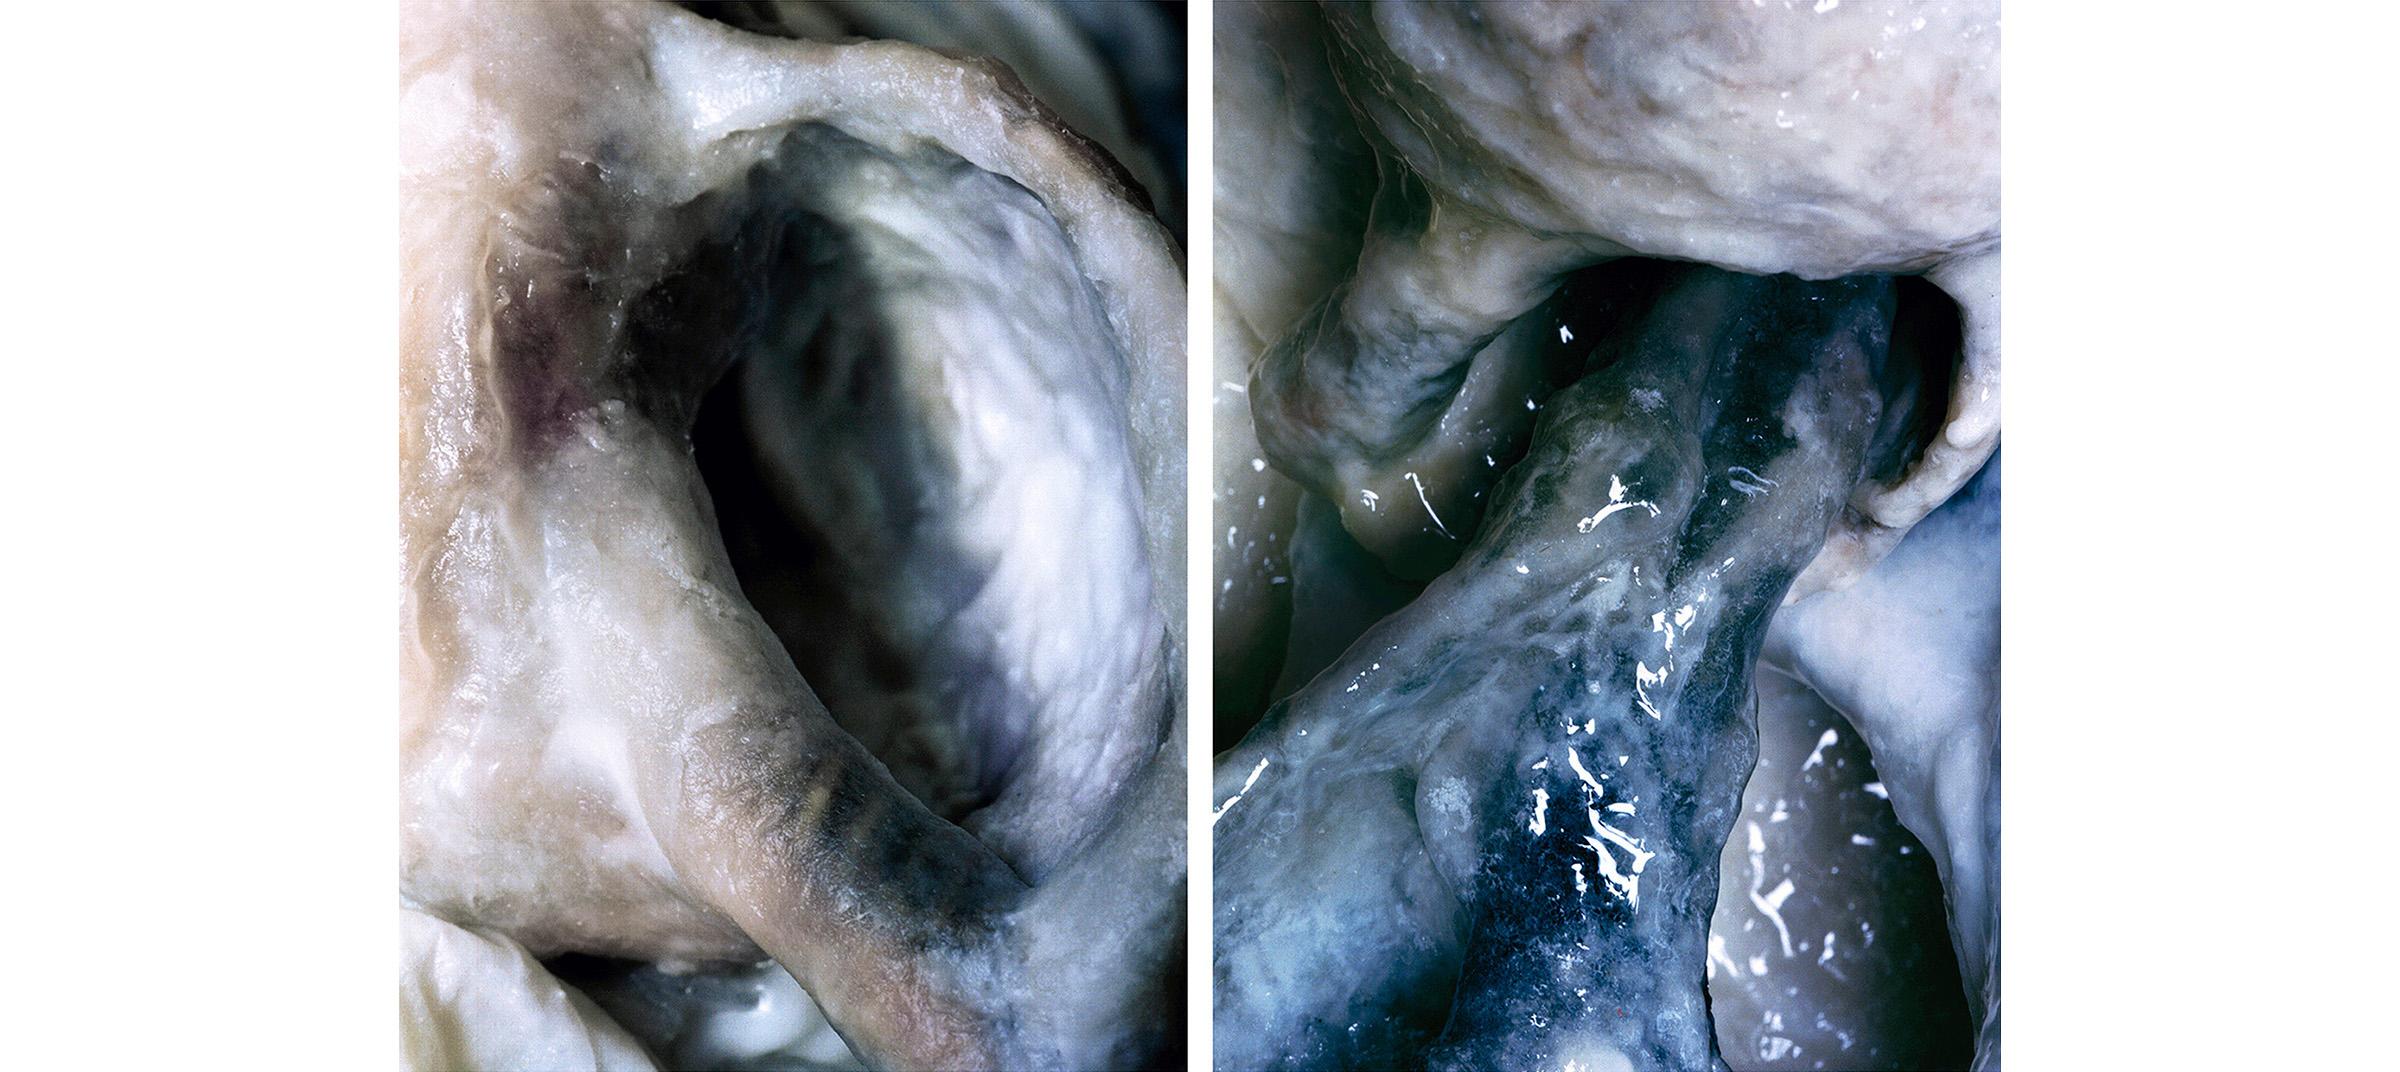 White Fluids  Diptich N°4, 2006/2015  T irages gélatino argentiques, 2 panneaux 144 x 104 cm chacun   Gelatin silver prints, 2 panels 56,69 x 40,94 inches each  1/4